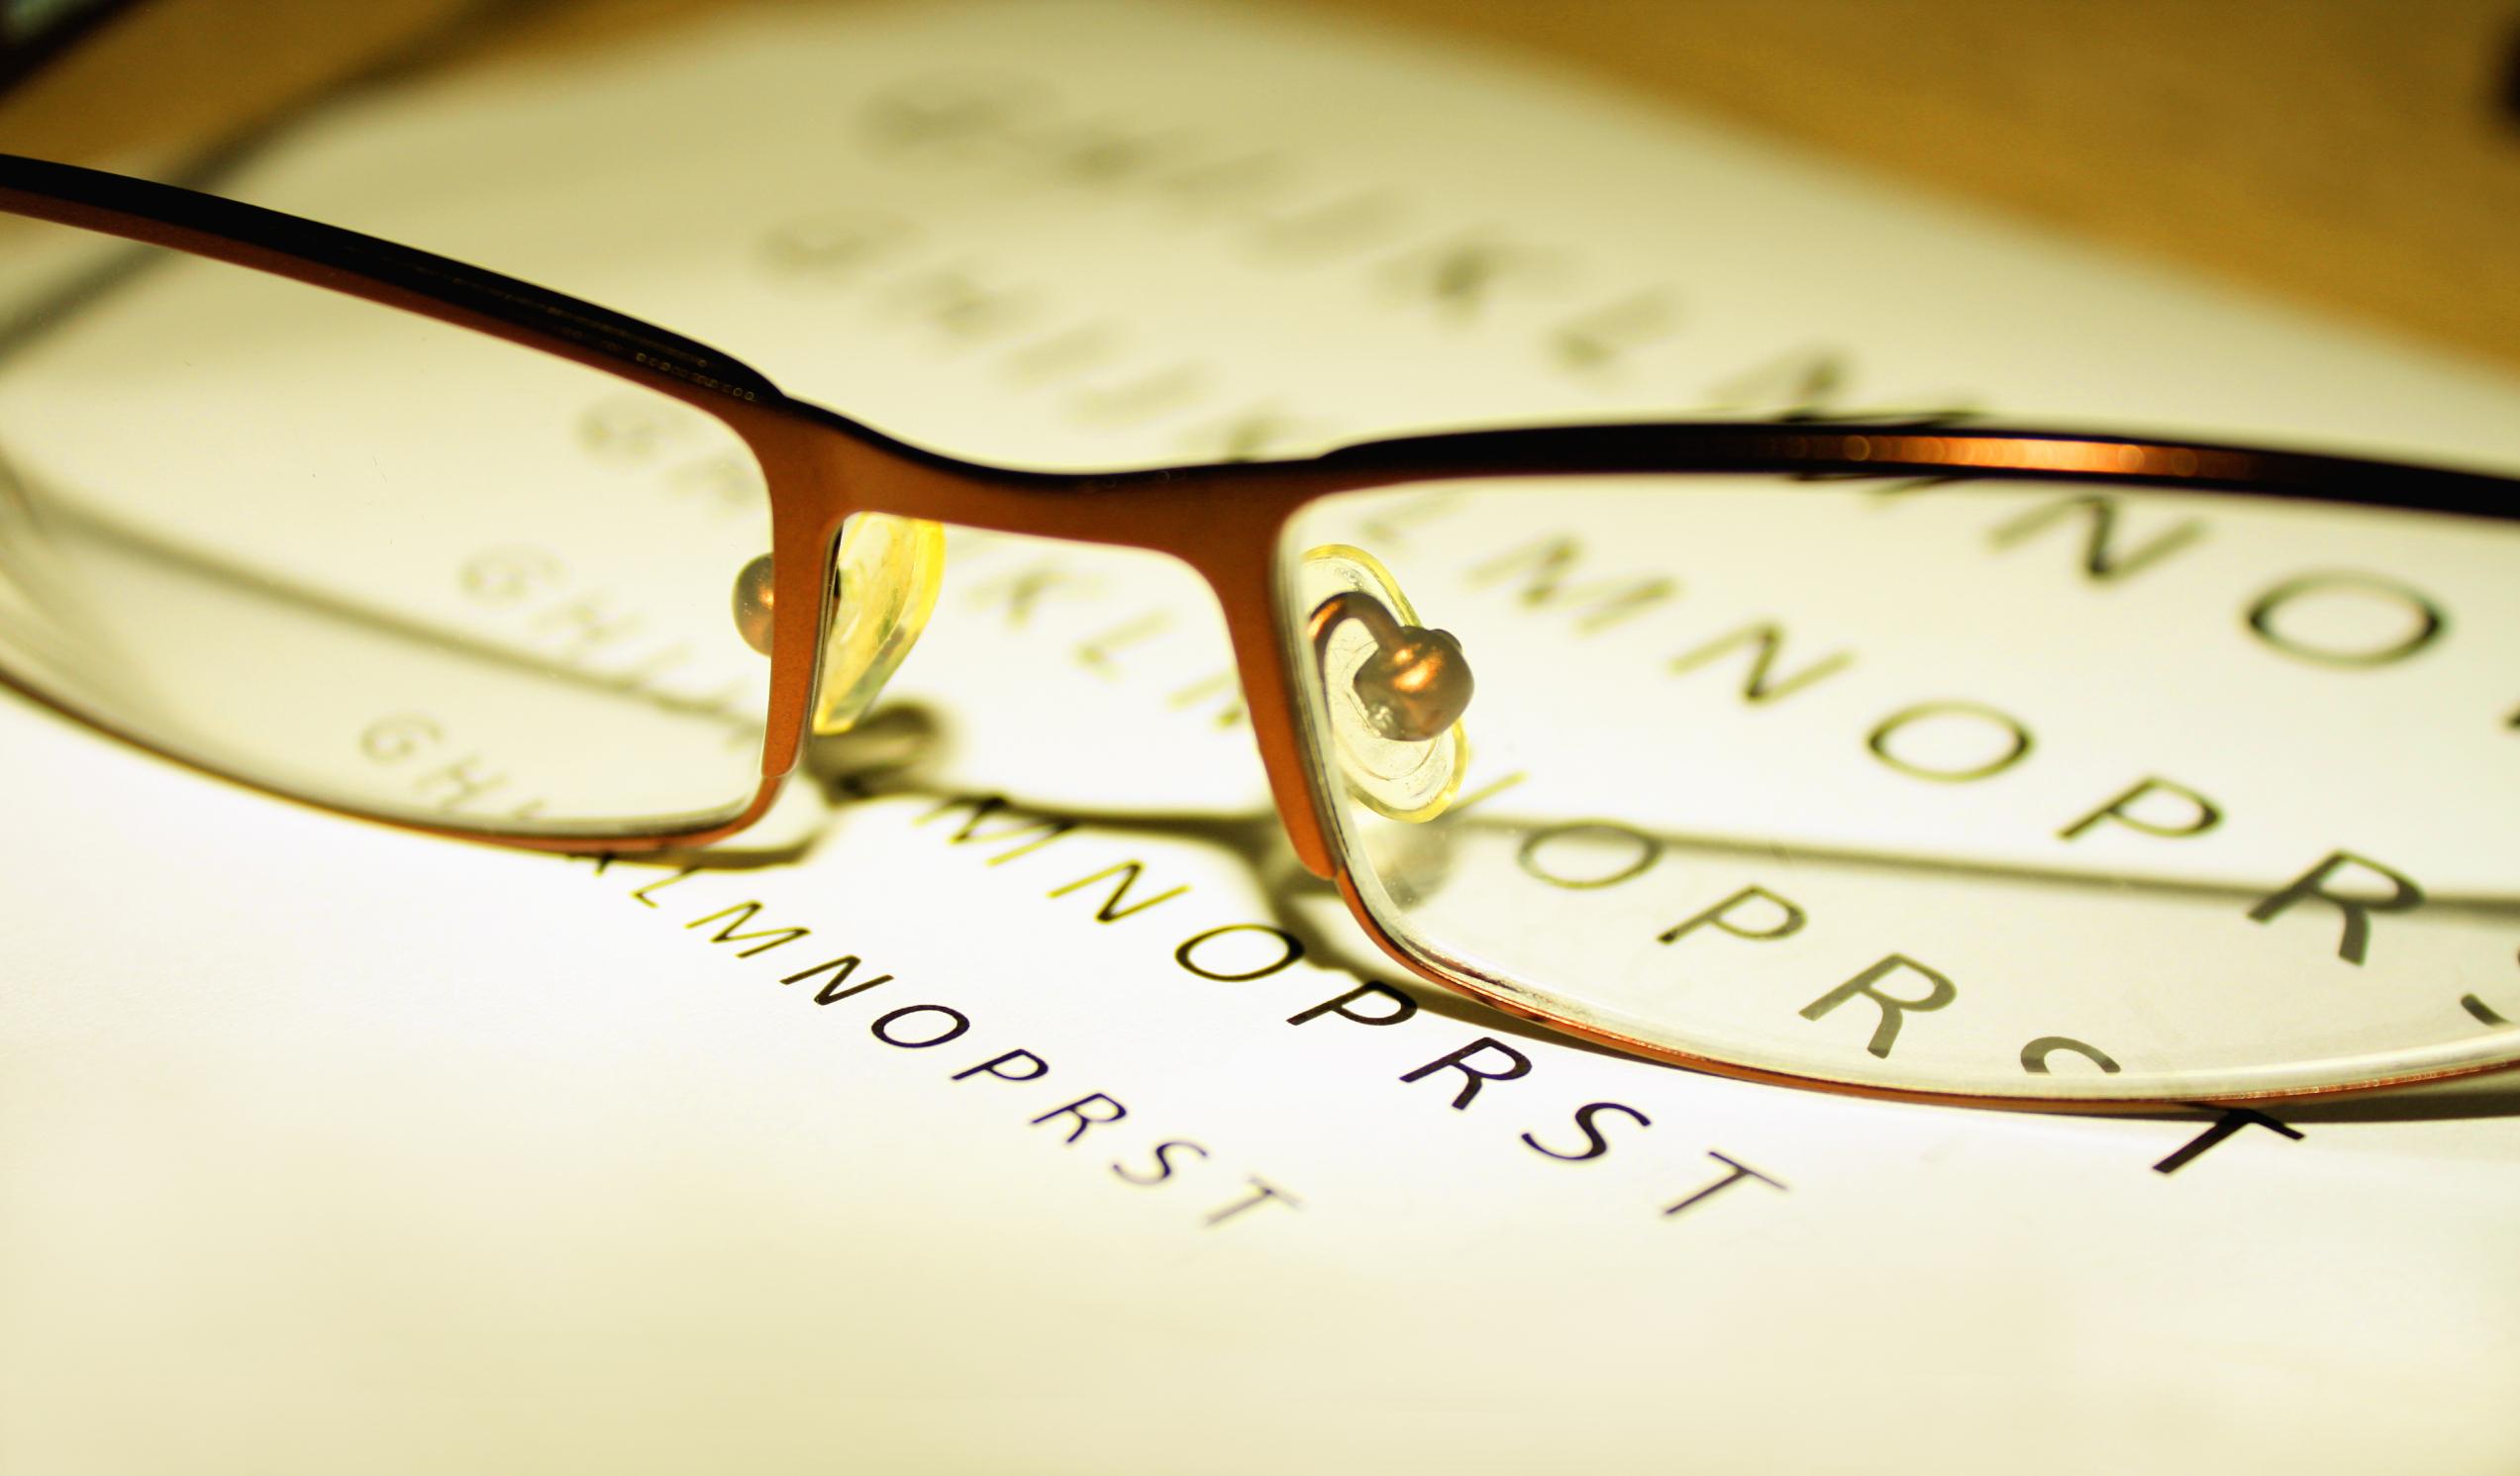 Deficiențele vizuale: Ce este Hipermetropia? Simptomele, cauzele și tratamentul